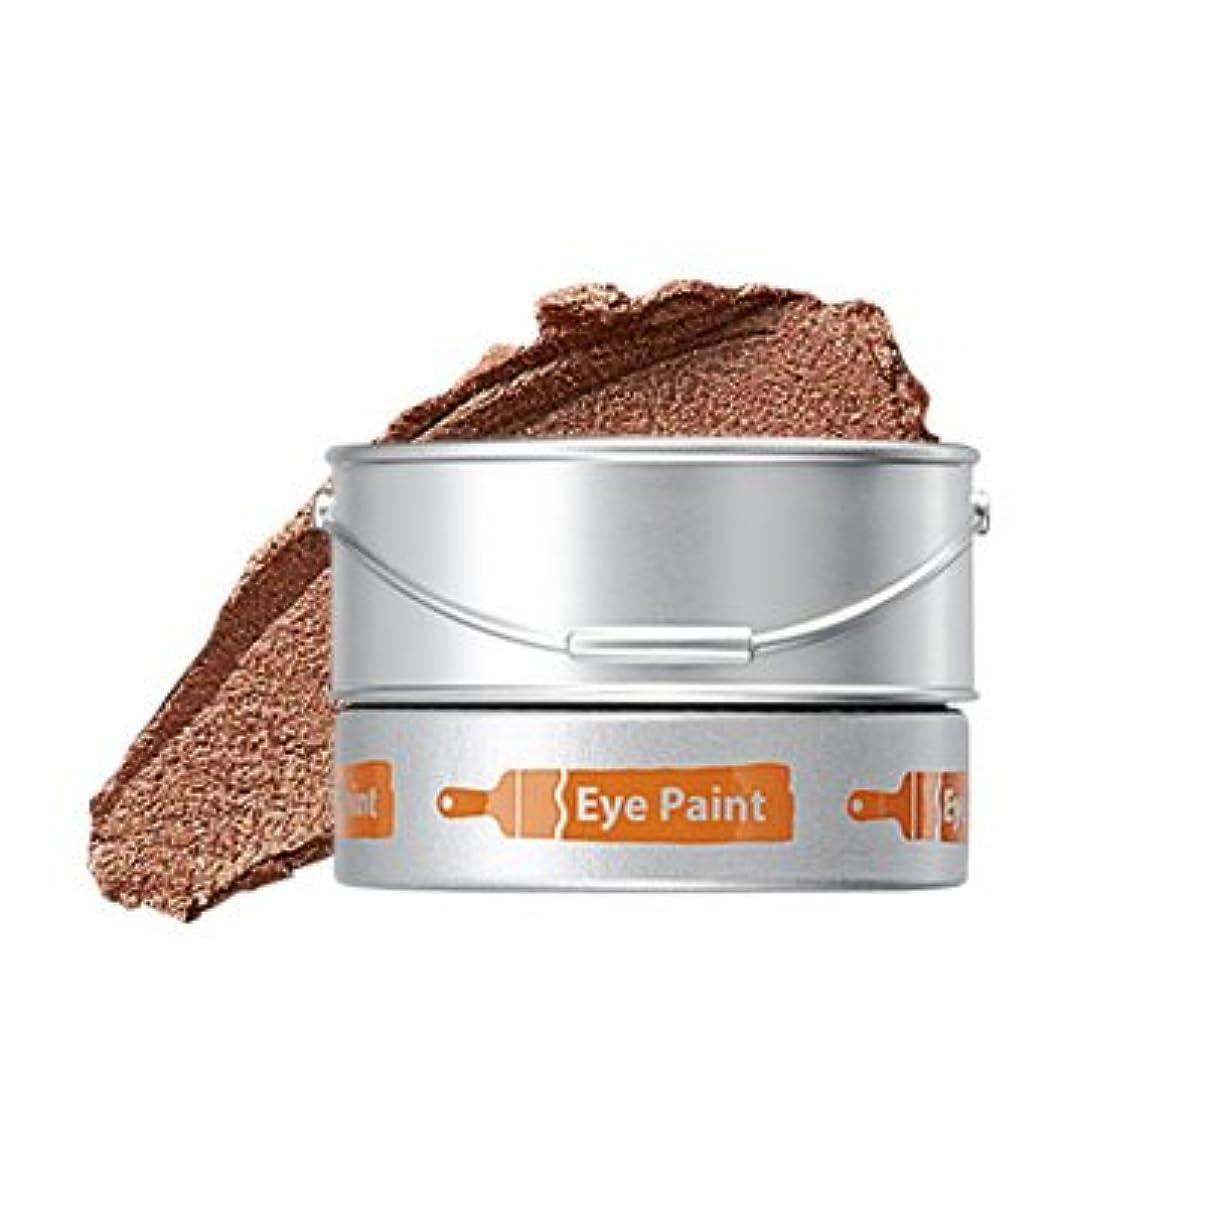 ヘビーラッカス知らせる【The Saem】 アイペイント/ザセム eye paint クリームシャドウ (04コパーテン)